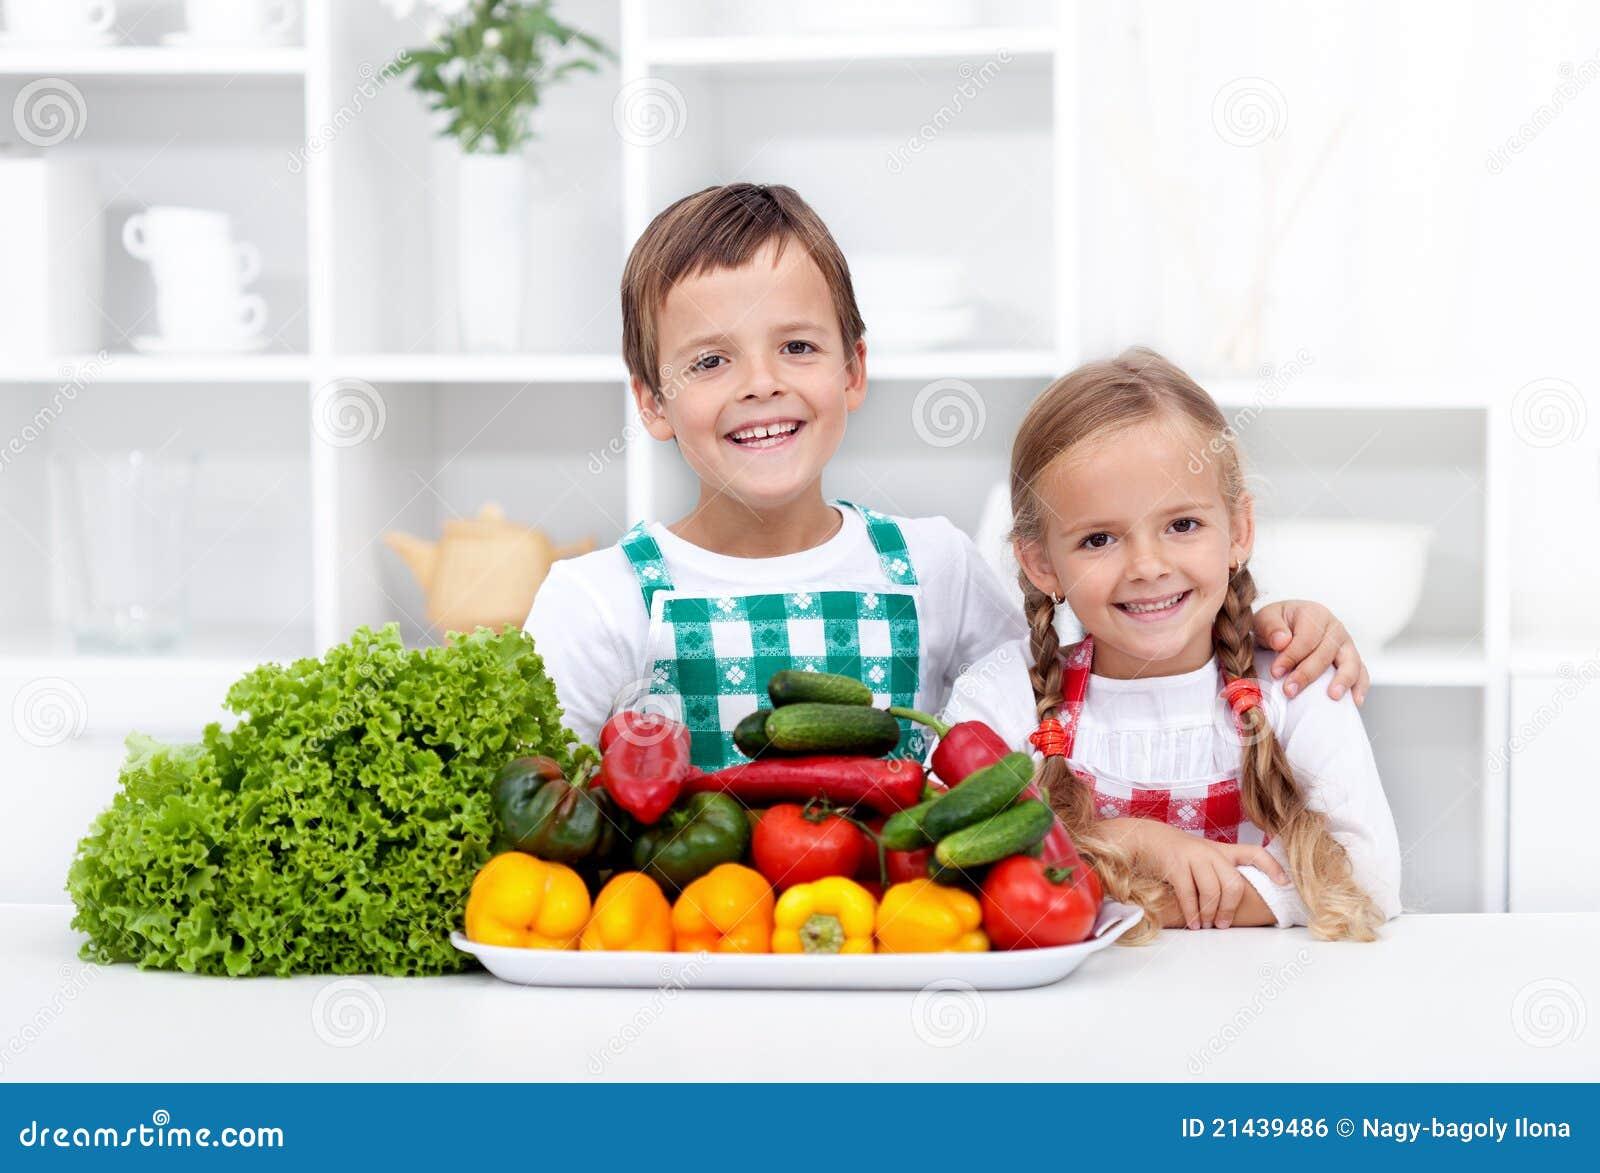 Happy Kid Eating Healthy